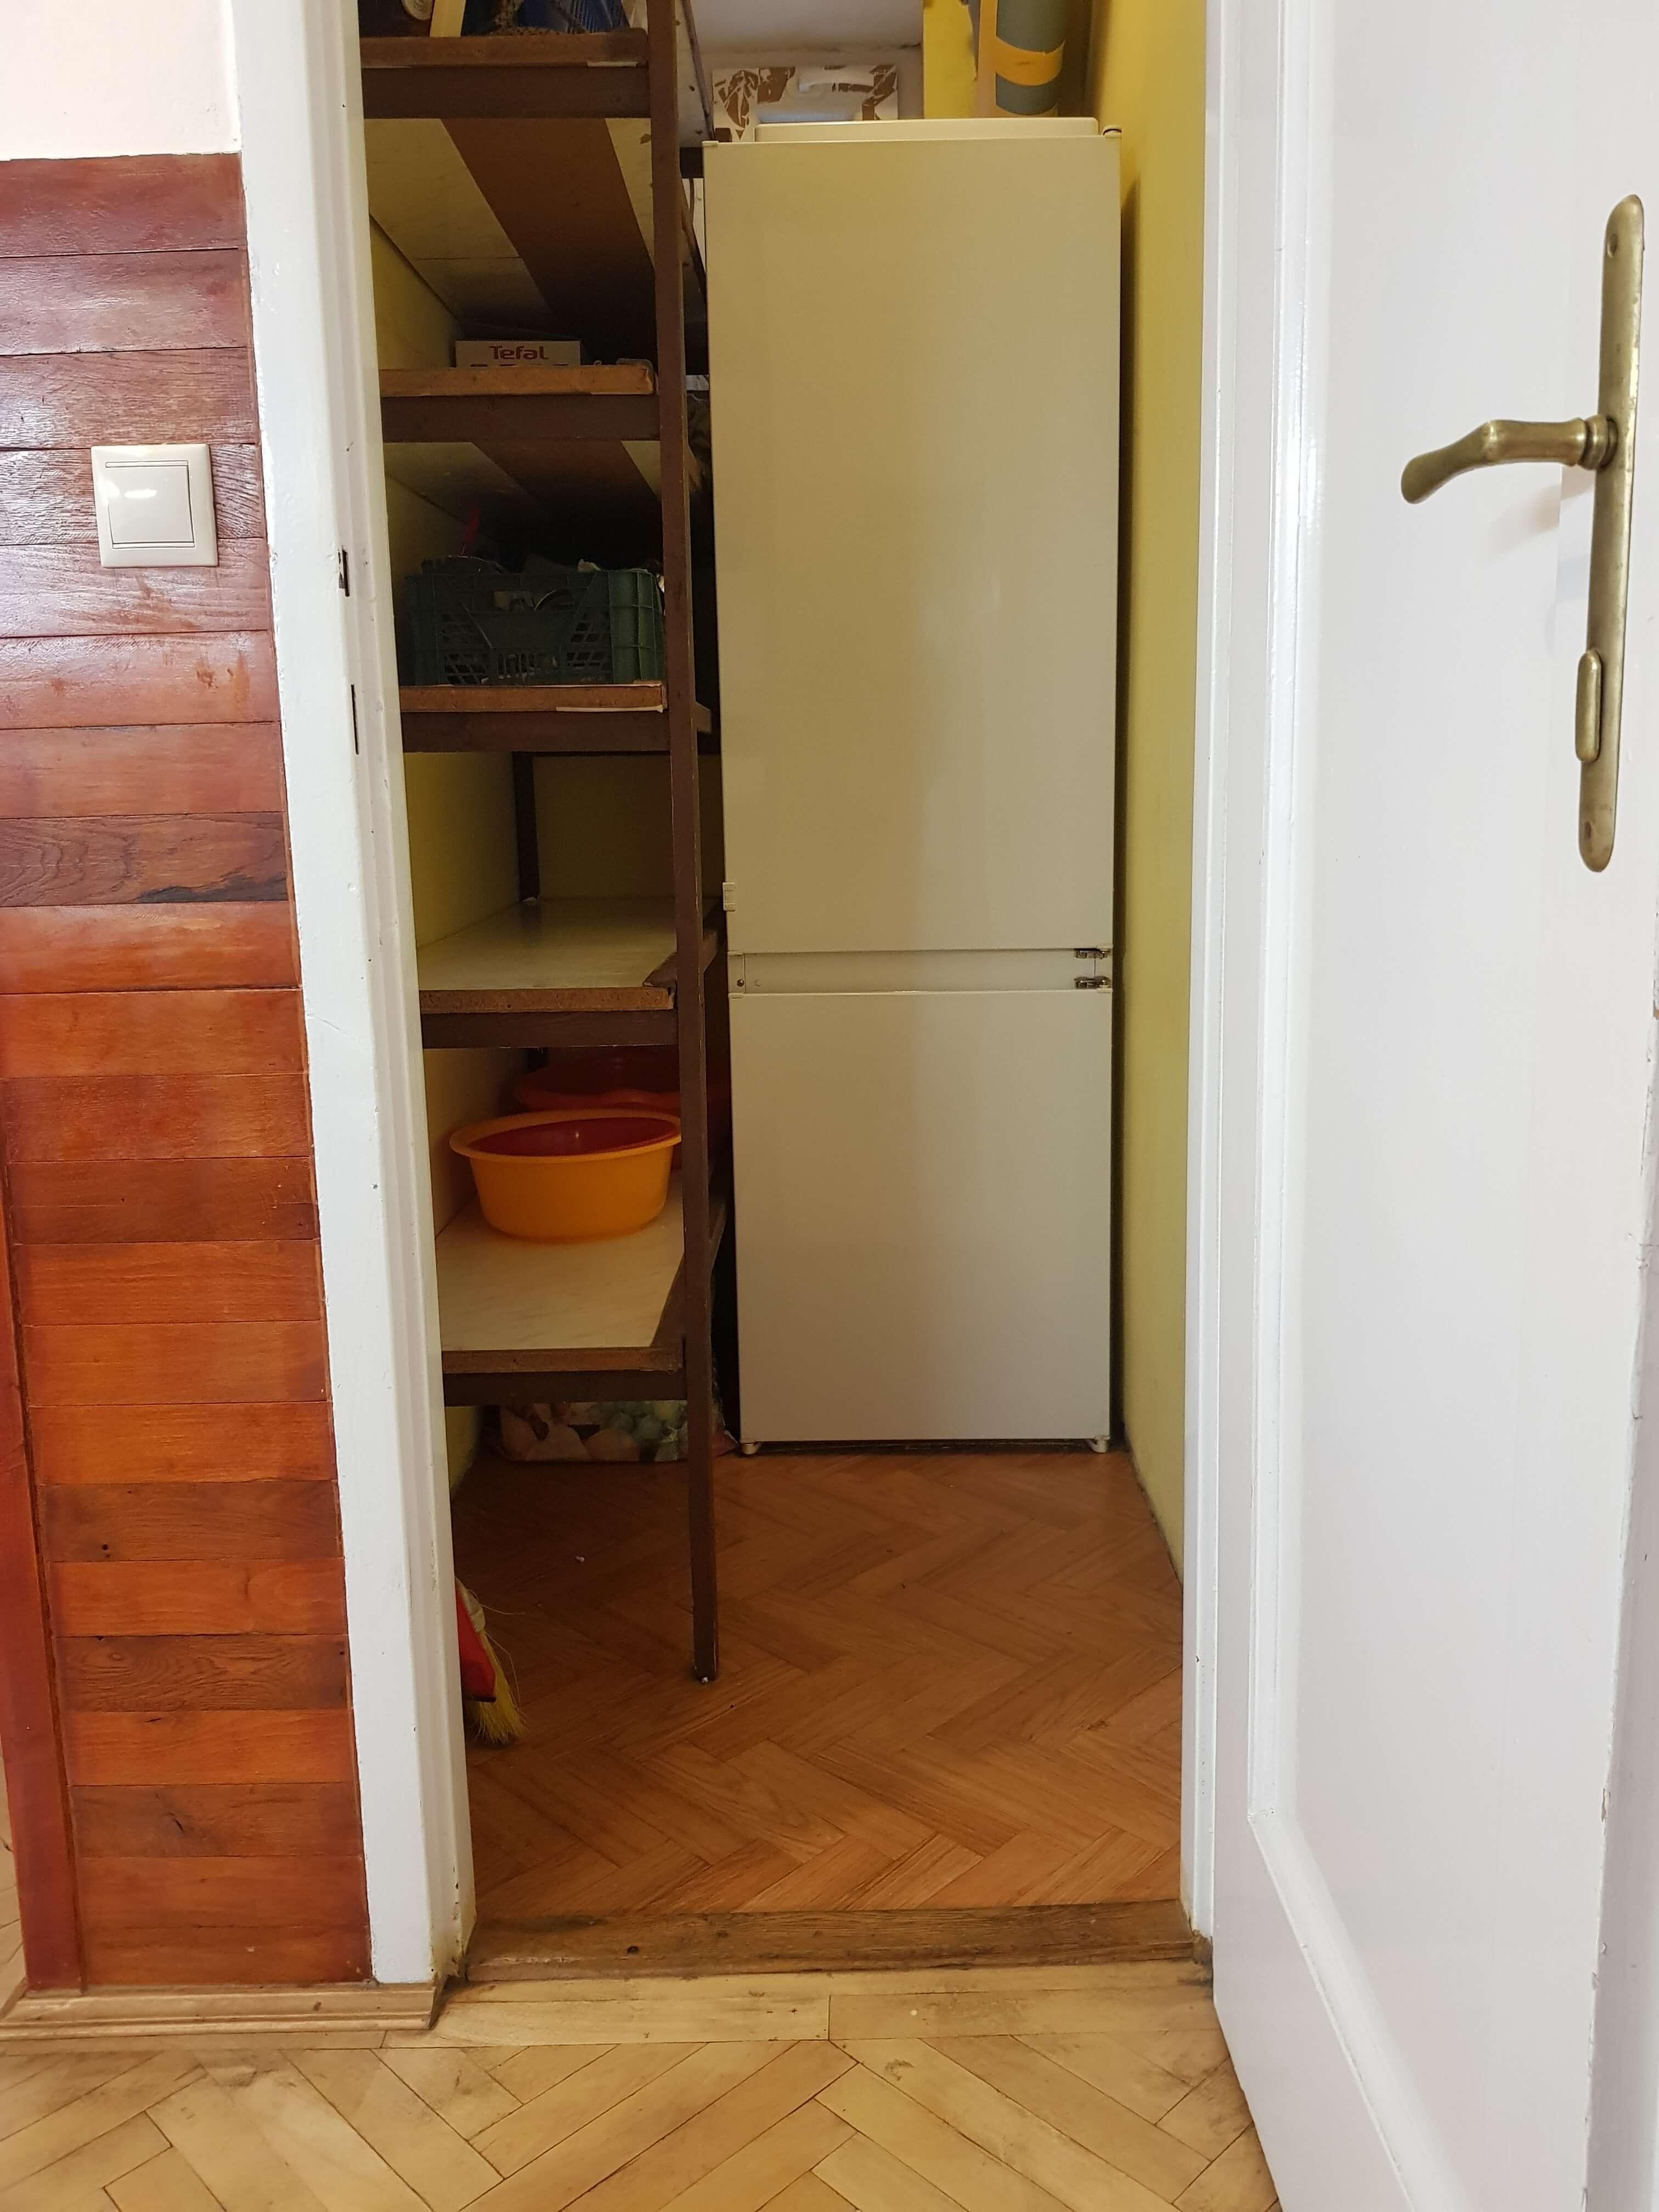 Predaj exkluzívneho 2 izb. bytu, staré mesto, Šancová ulica, Bratislava, 75m2, kompletne zariadený-10